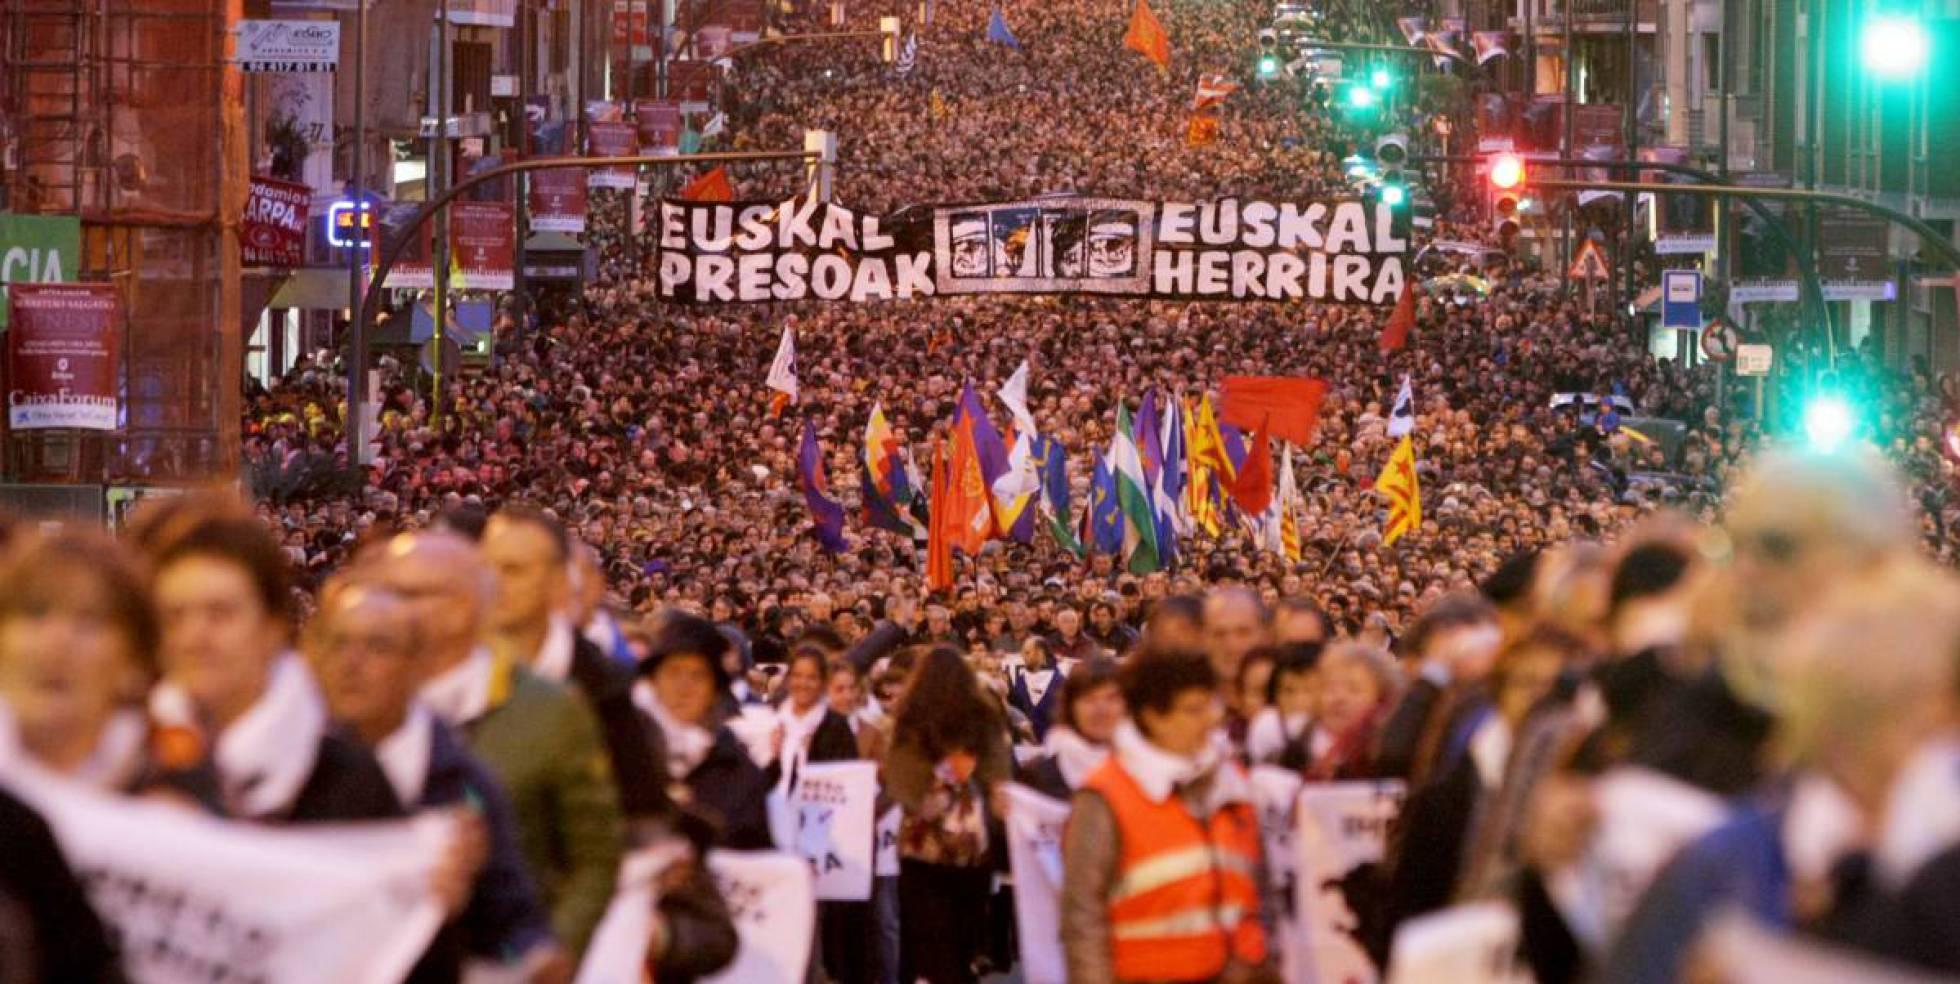 """Euskal Herria: Una multitud exige """"respeto a los derechos"""" de presos y exiliados. [vídeo] - Página 3 1484246368_087530_1484247738_noticia_normal_recorte1"""